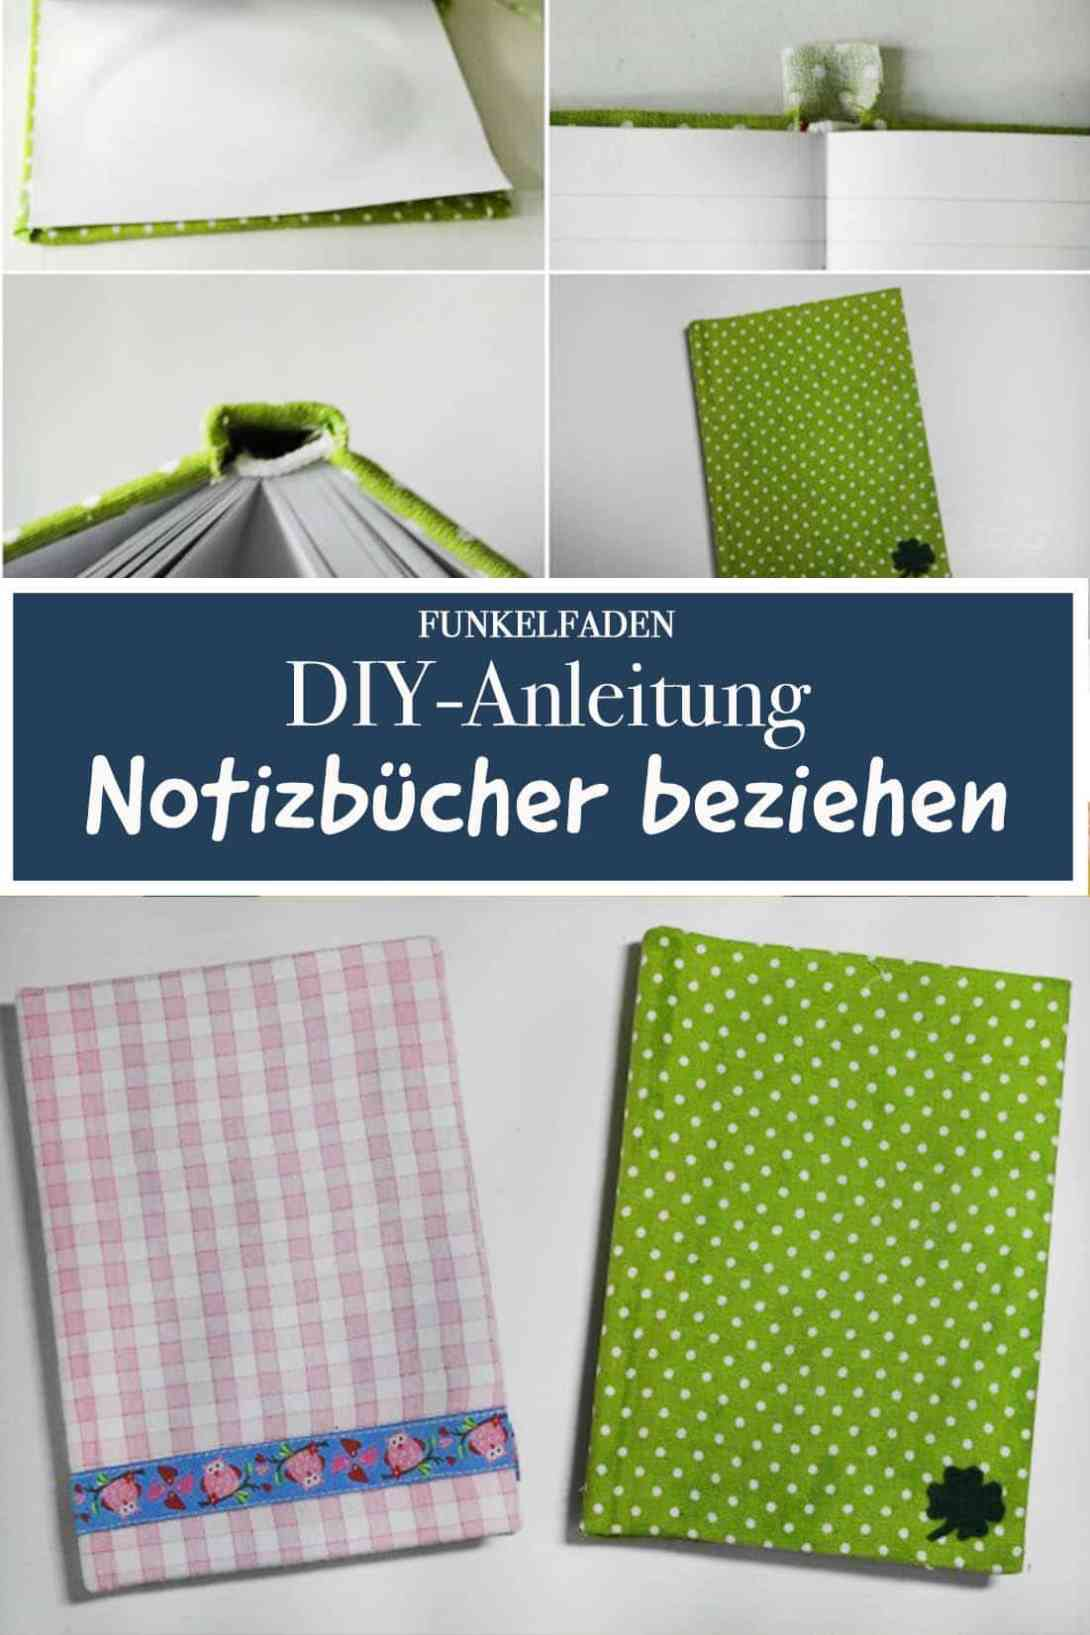 diy anleitung zum beziehen von b chern mit stoff. Black Bedroom Furniture Sets. Home Design Ideas